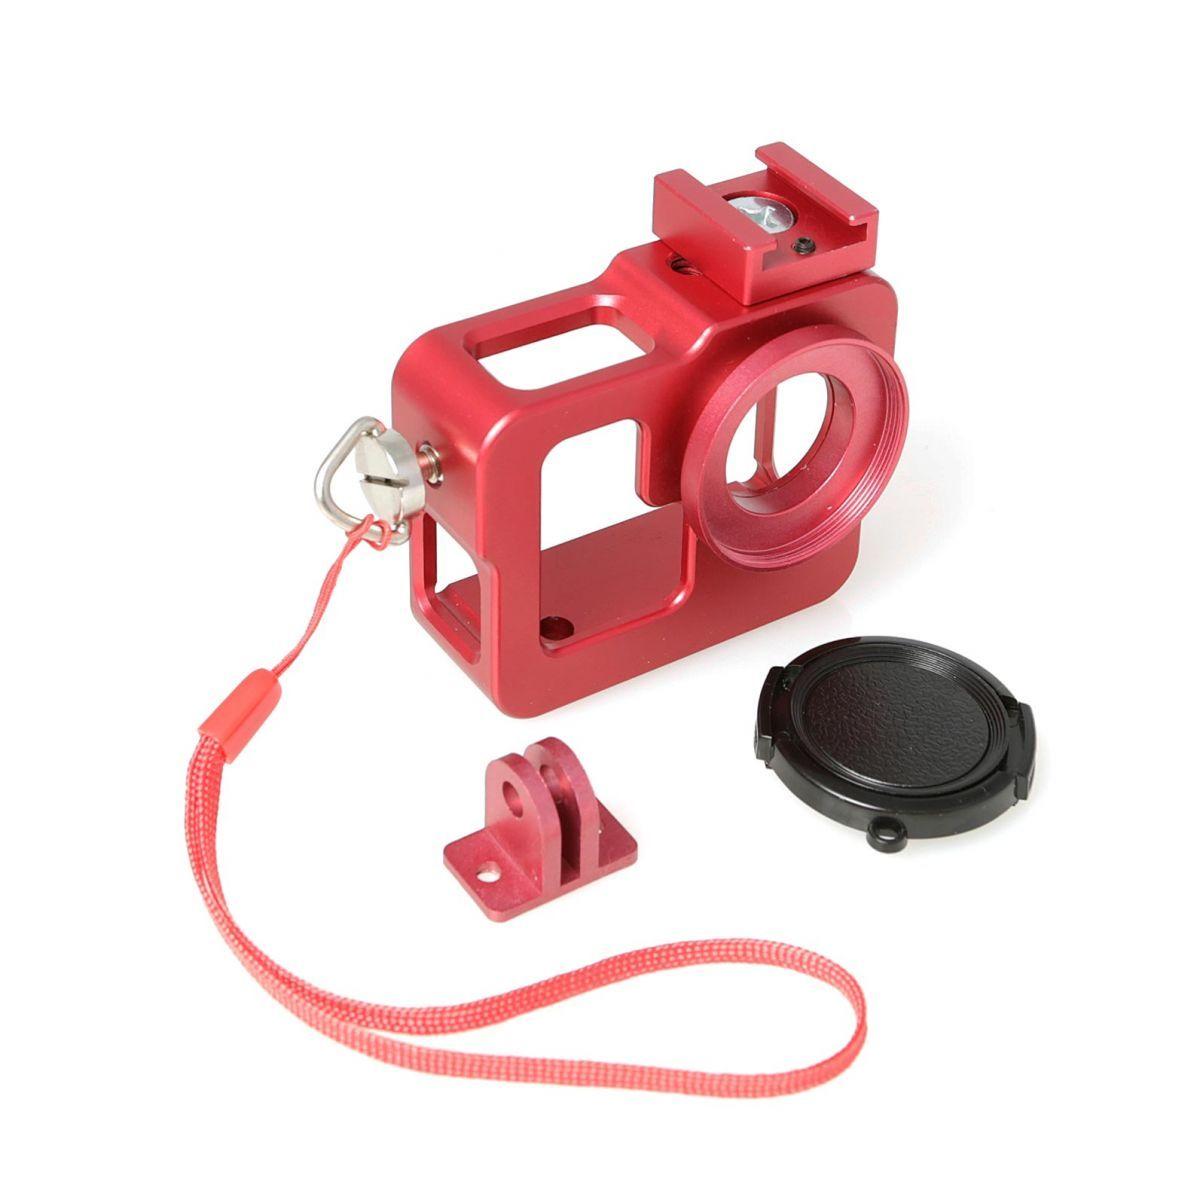 FUJIMI GP FMS-200 red Алюминиевый чехол-рамка для GoPro, с ремешком и штативным гнездом Цвет: красный